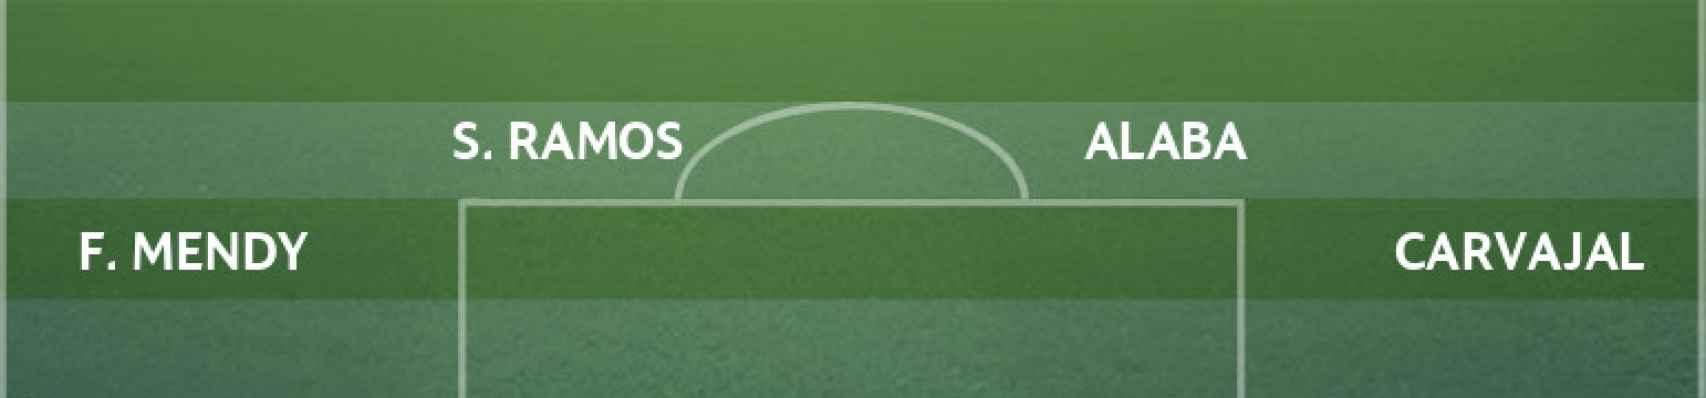 Alaba, un tres por uno para el Real Madrid